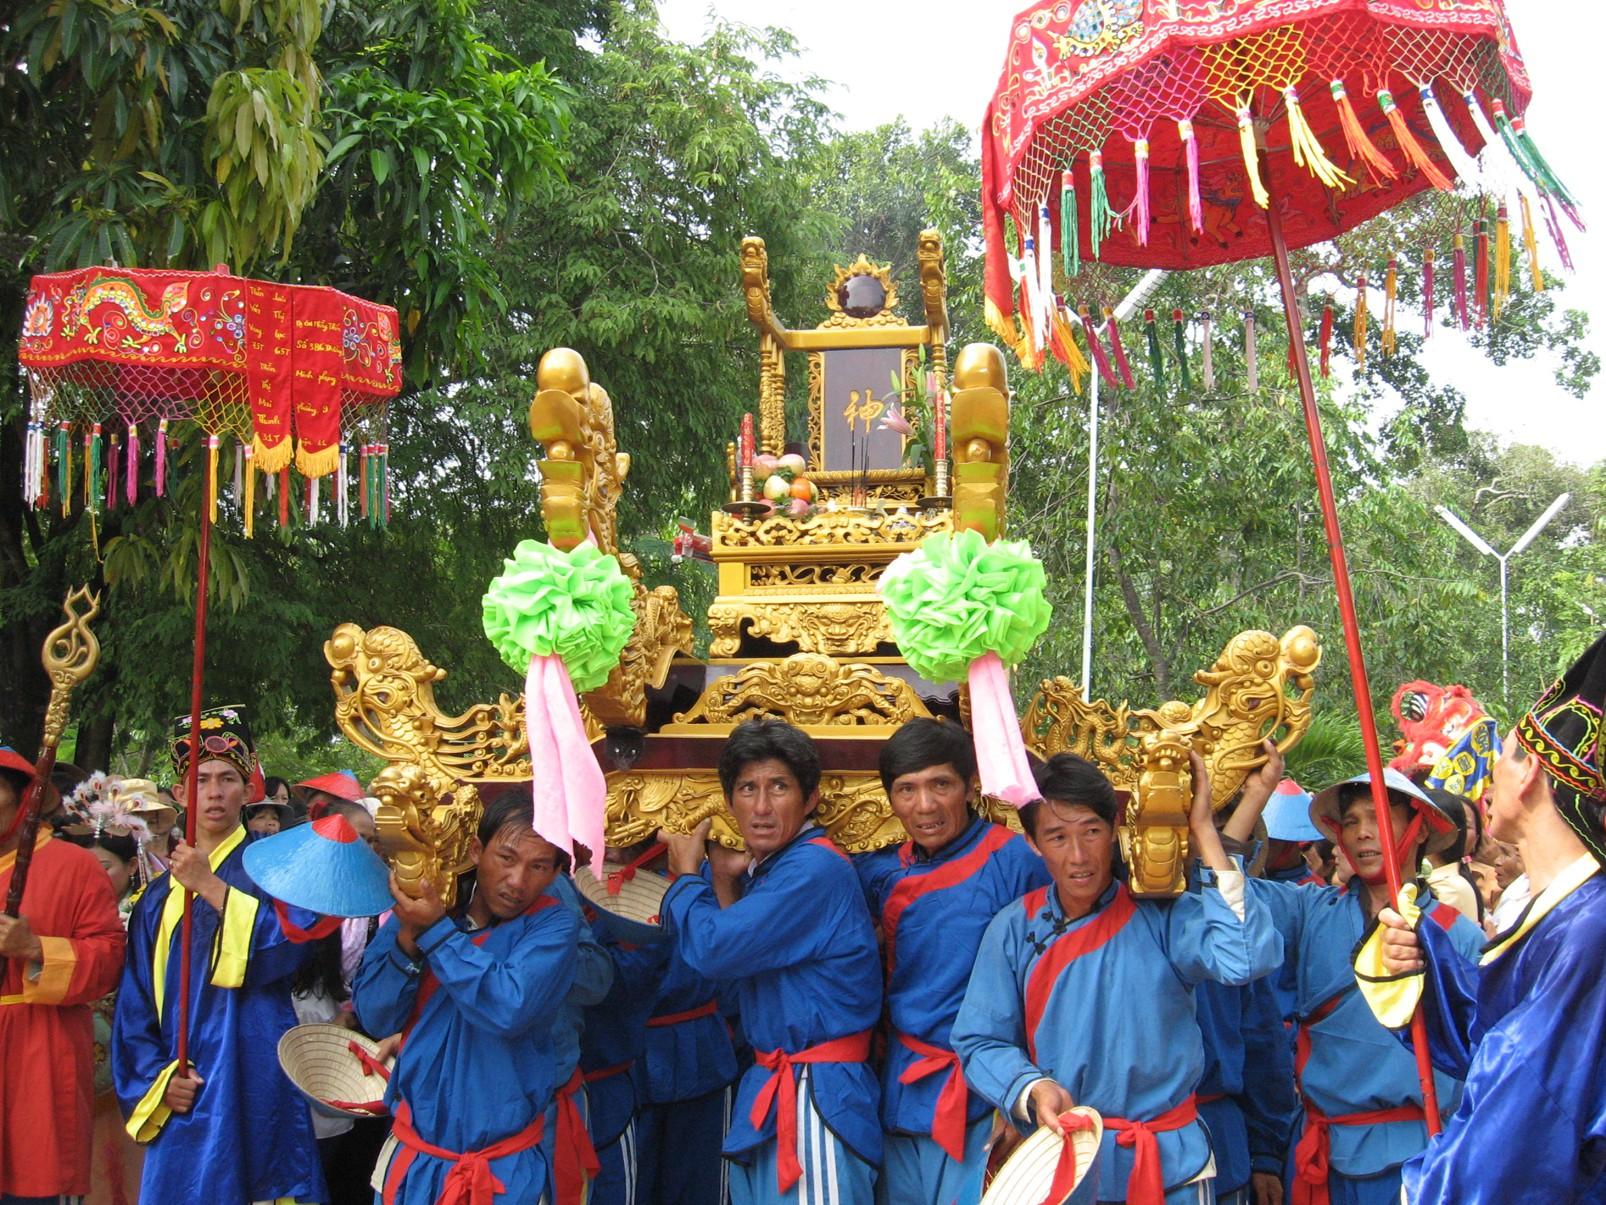 """Sự kiện Dinh Thầy Thím tại Bình Thuận - Lễ hội tháng 10 cầu xin ơn từ """"Thầy"""" và """"Thím"""""""